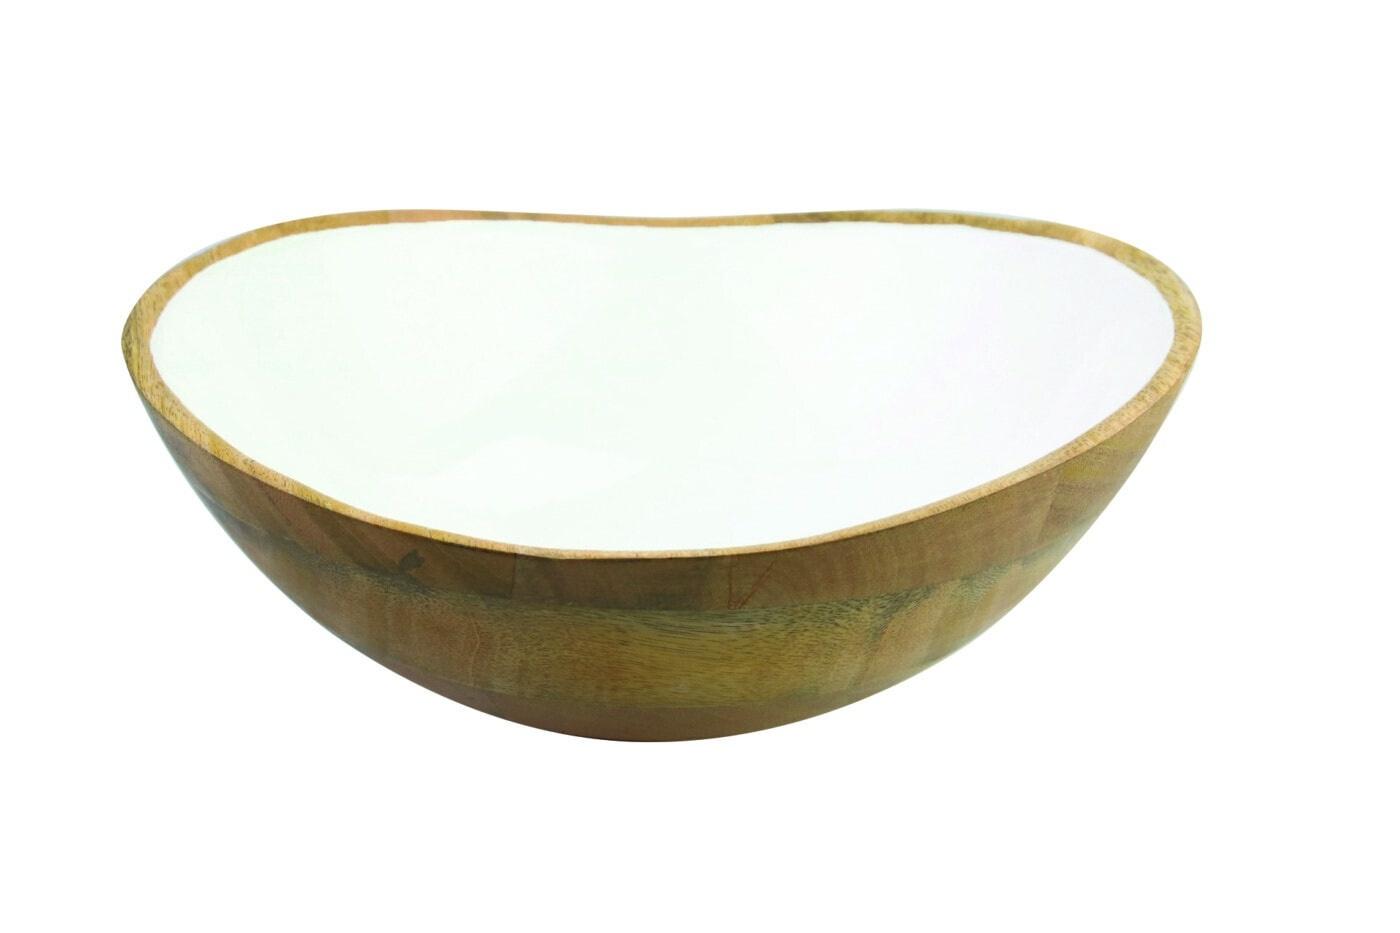 Mango Wood & White Enamel Bowl - Large-1